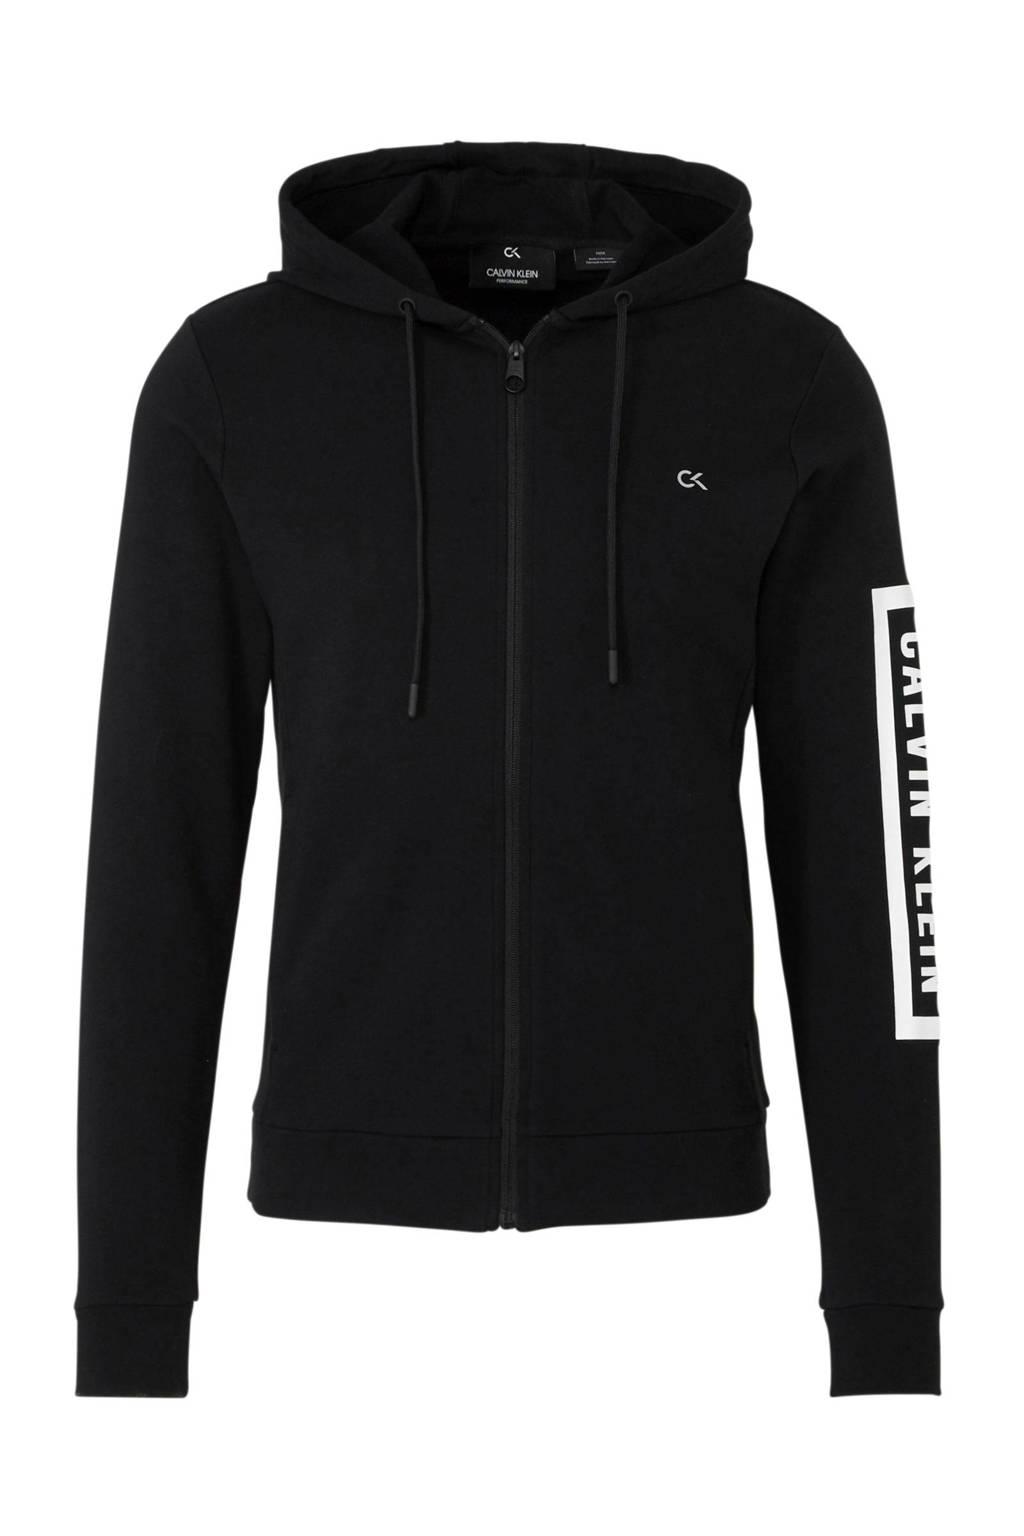 Calvin Klein   sportvest zwart, Zwart